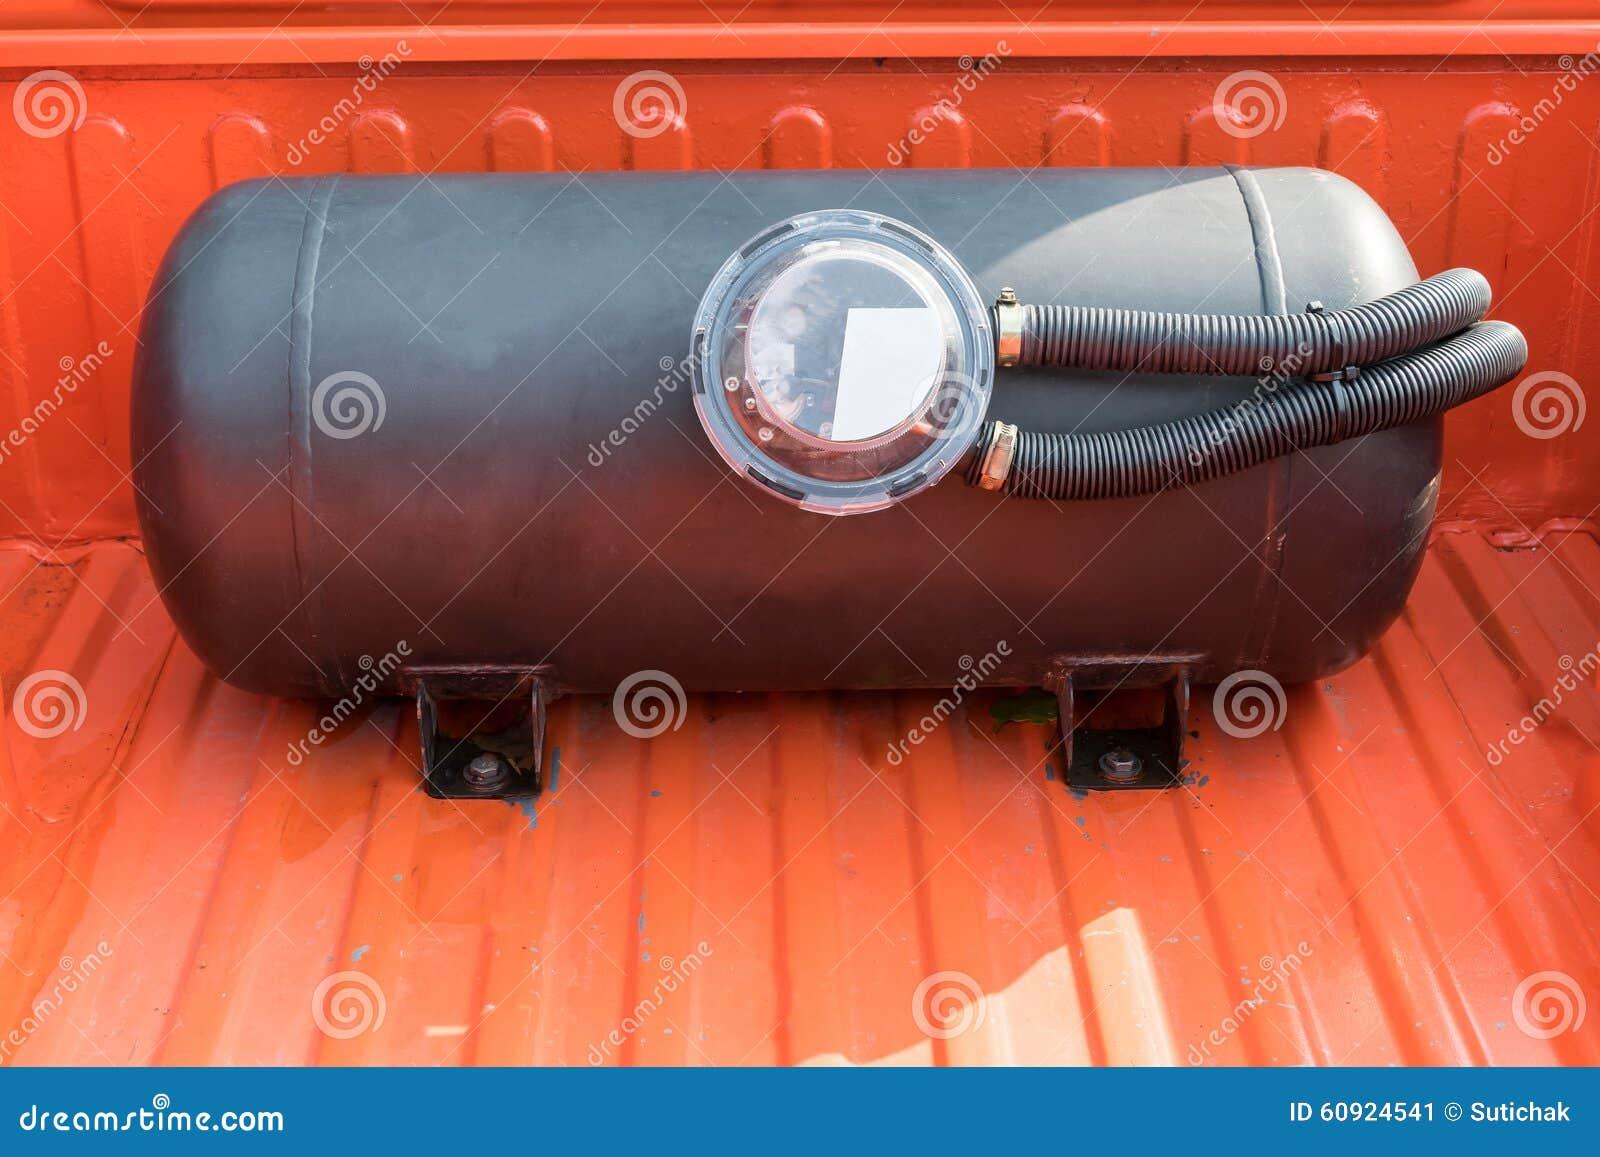 Measure Natural Gas Pressure